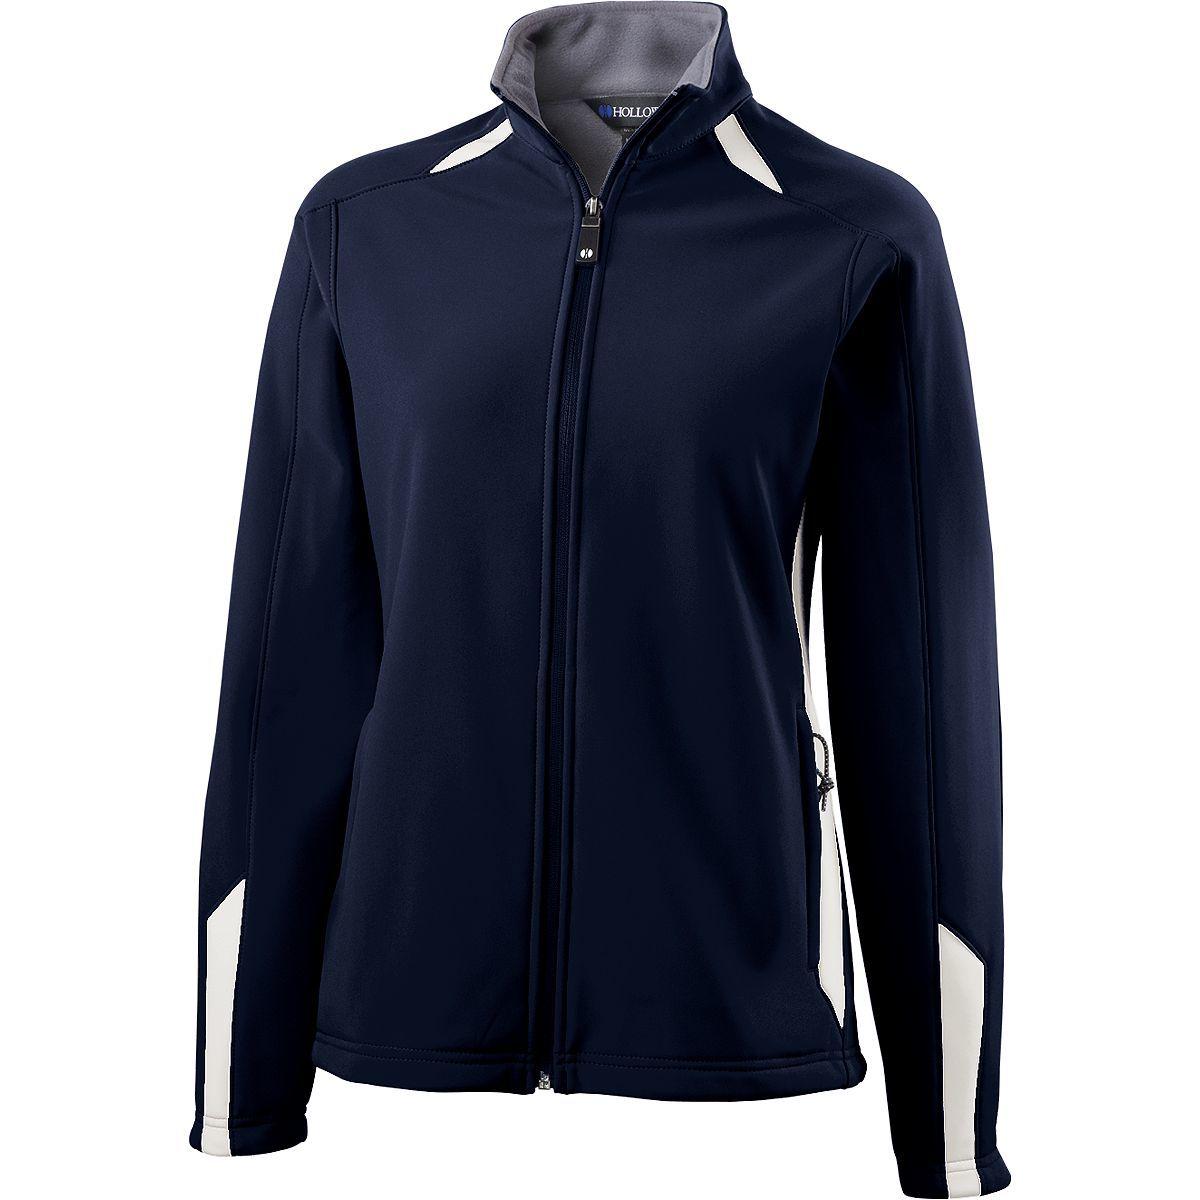 Ladies Vortex Jacket - NAVY/WHITE